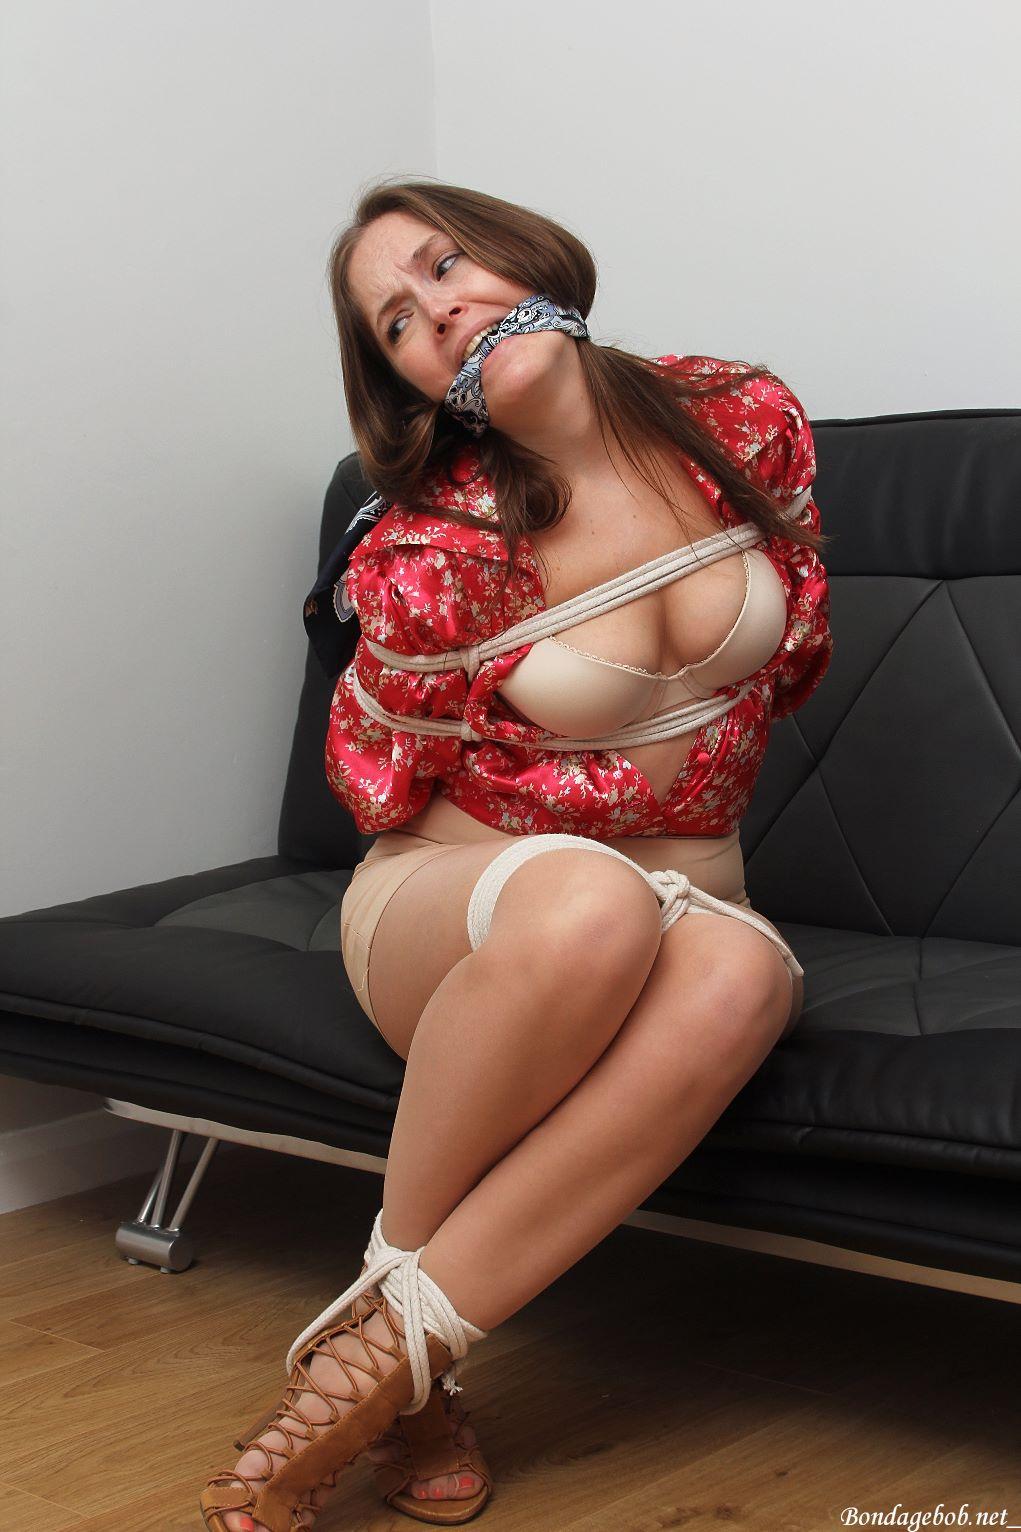 Rachel Adams in bondage.